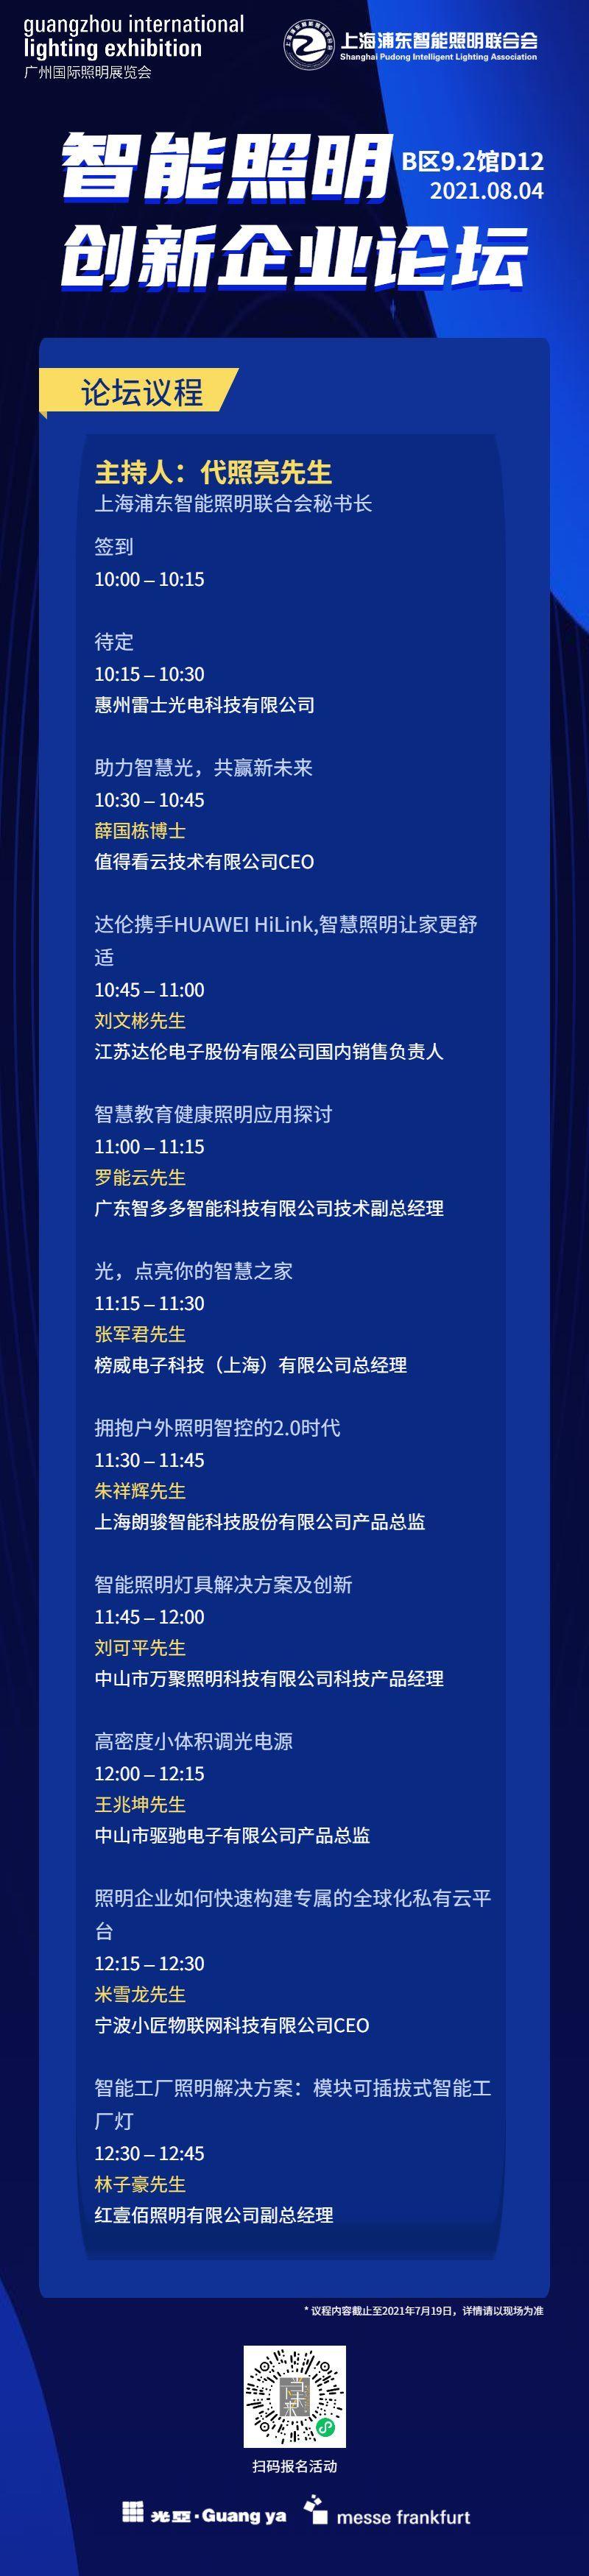 智能创新企业_9.2D12_8.4.png